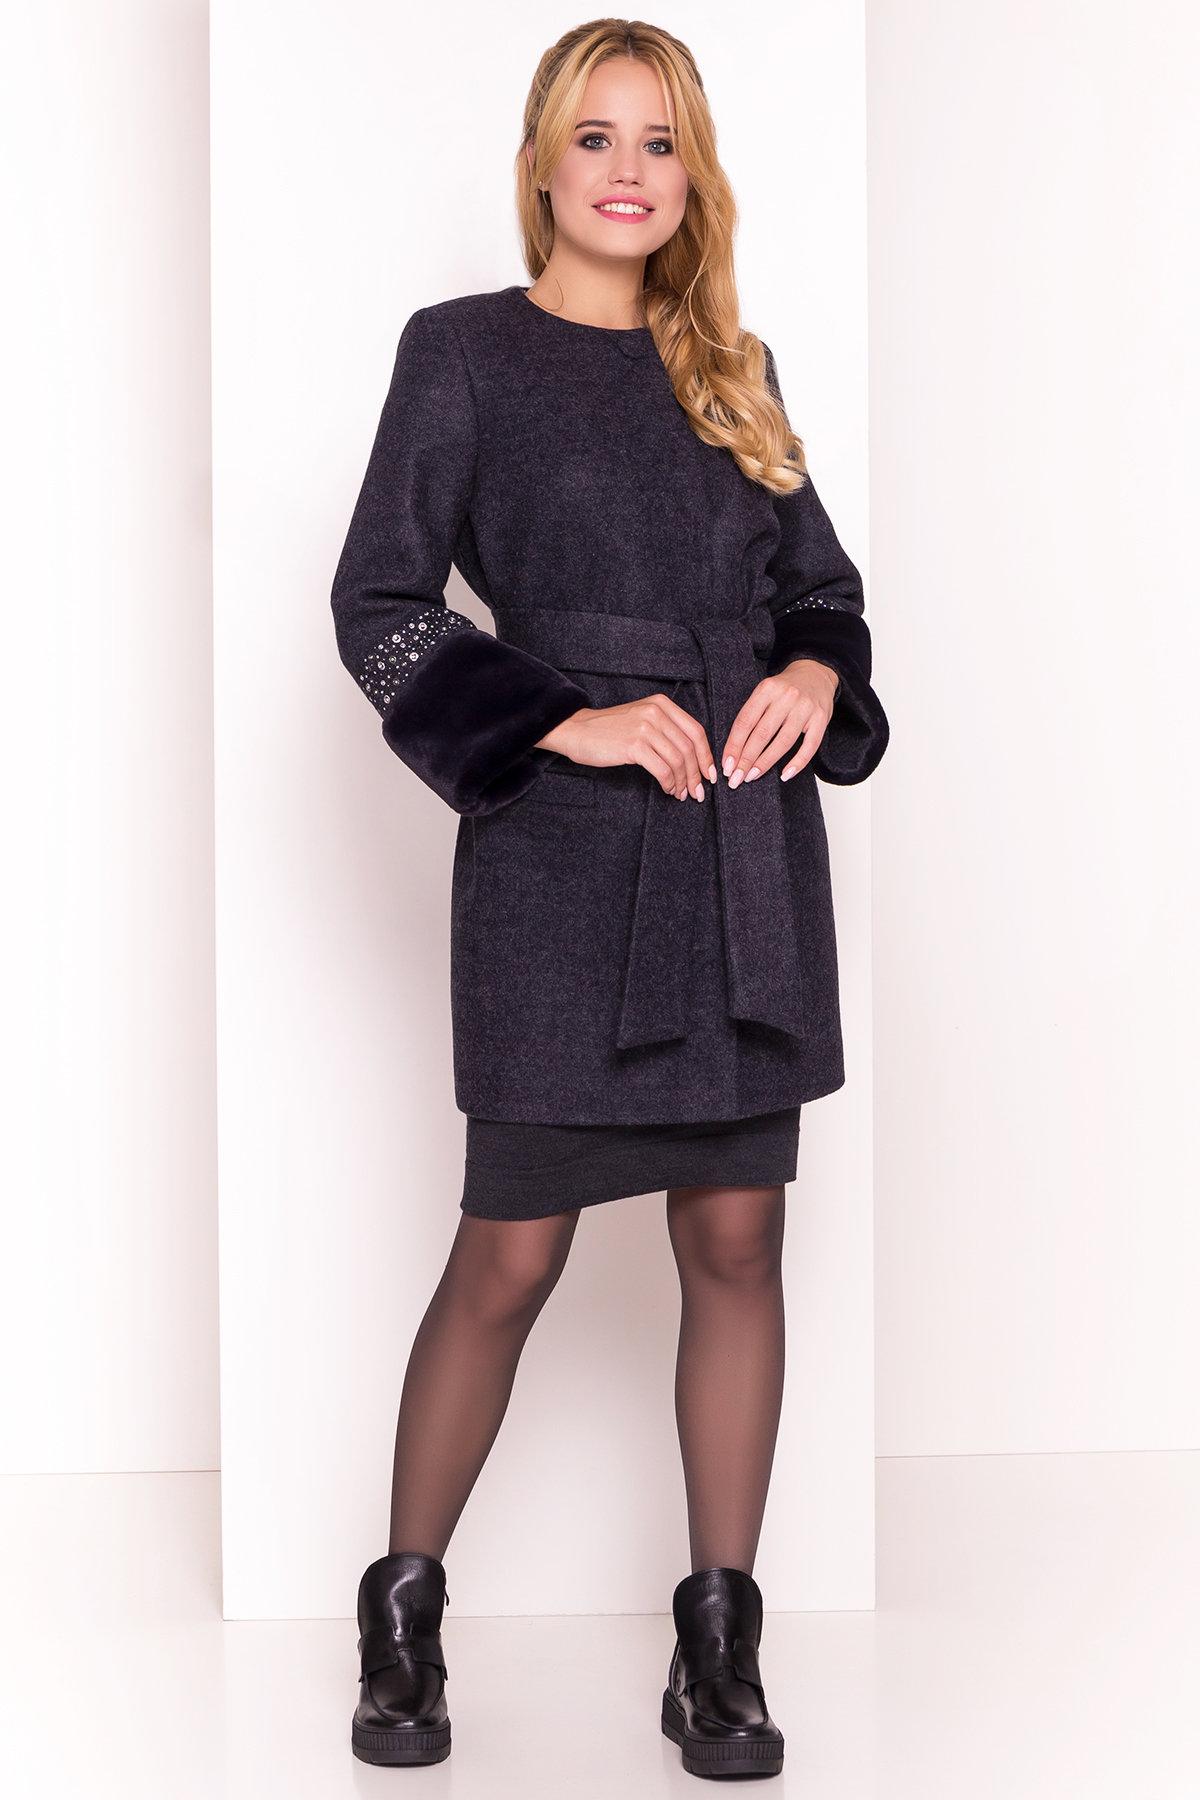 Пальто Амелия 4396 АРТ. 21450 Цвет: Темно-синий - фото 3, интернет магазин tm-modus.ru